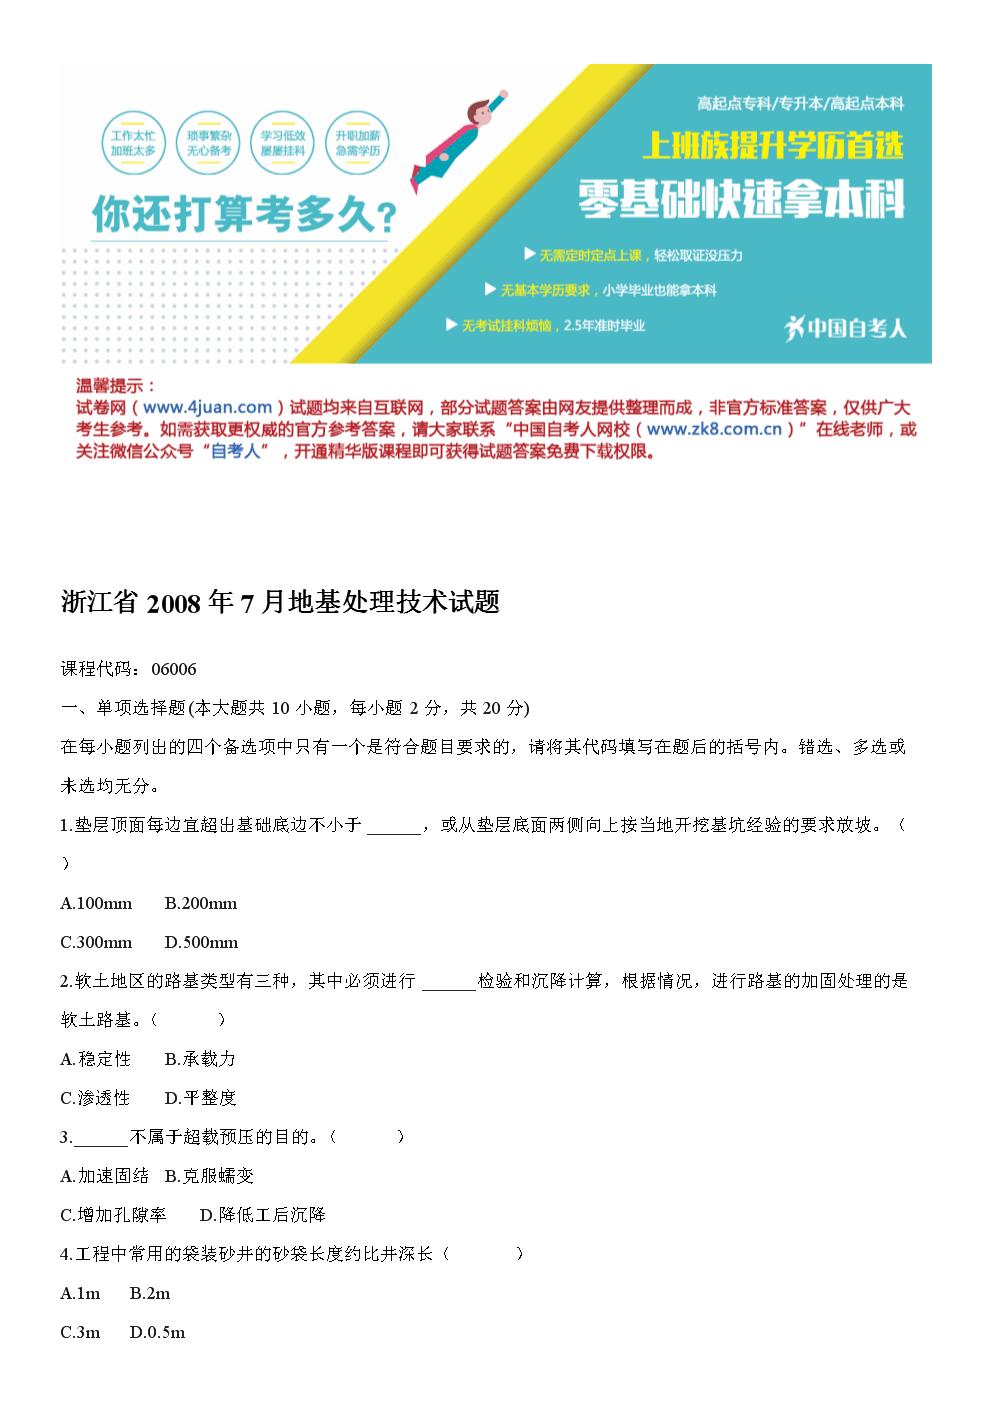 浙江省2008年7月地基处理技术试题.doc